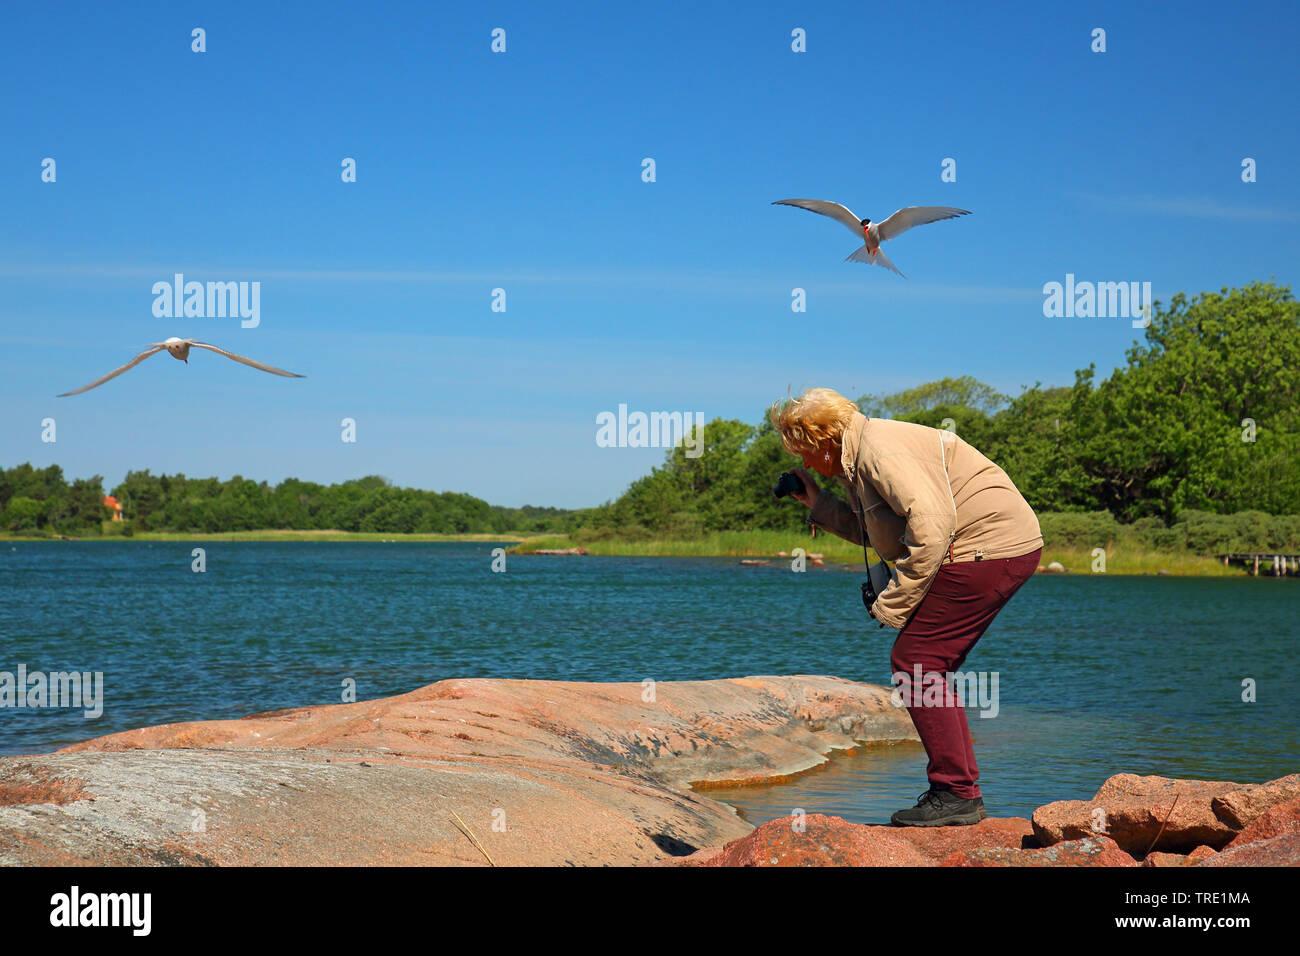 Kuestenseeschwalbe, Kuesten-Seeschwalbe (Sterna paradisaea), Frau fotografiert eine Kuestenseeschwalbe, die nicht fotografiert werden moechte, Finnlan - Stock Image